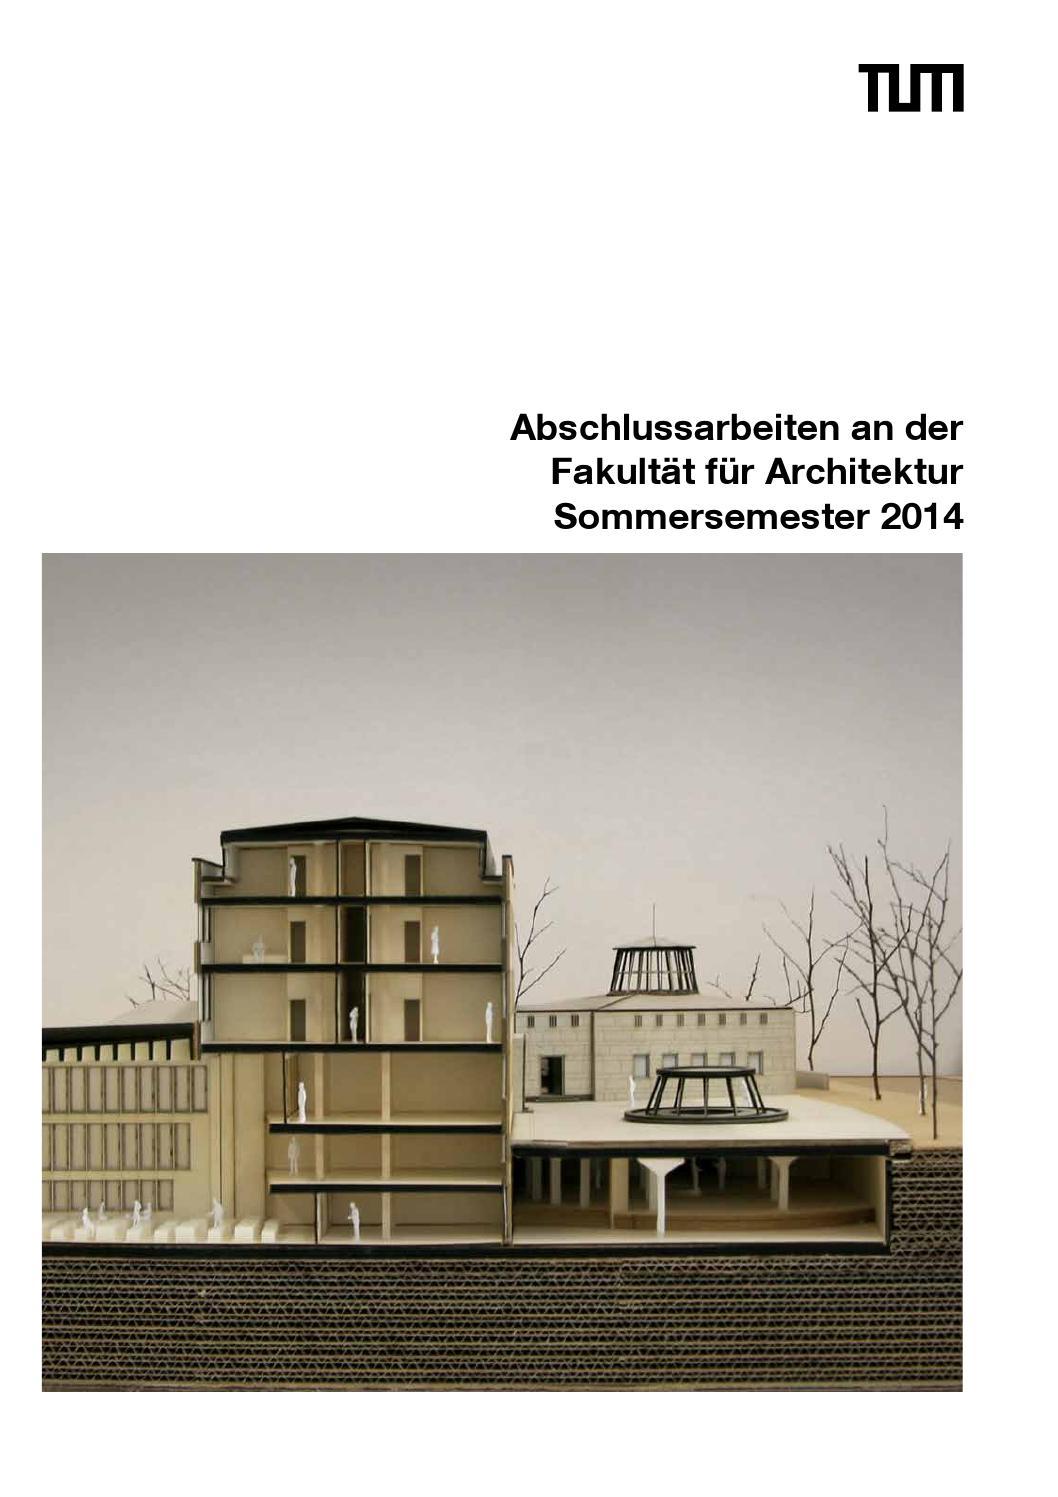 Tum fakultät für architektur   magazin   diplom 2009/2 by martin ...